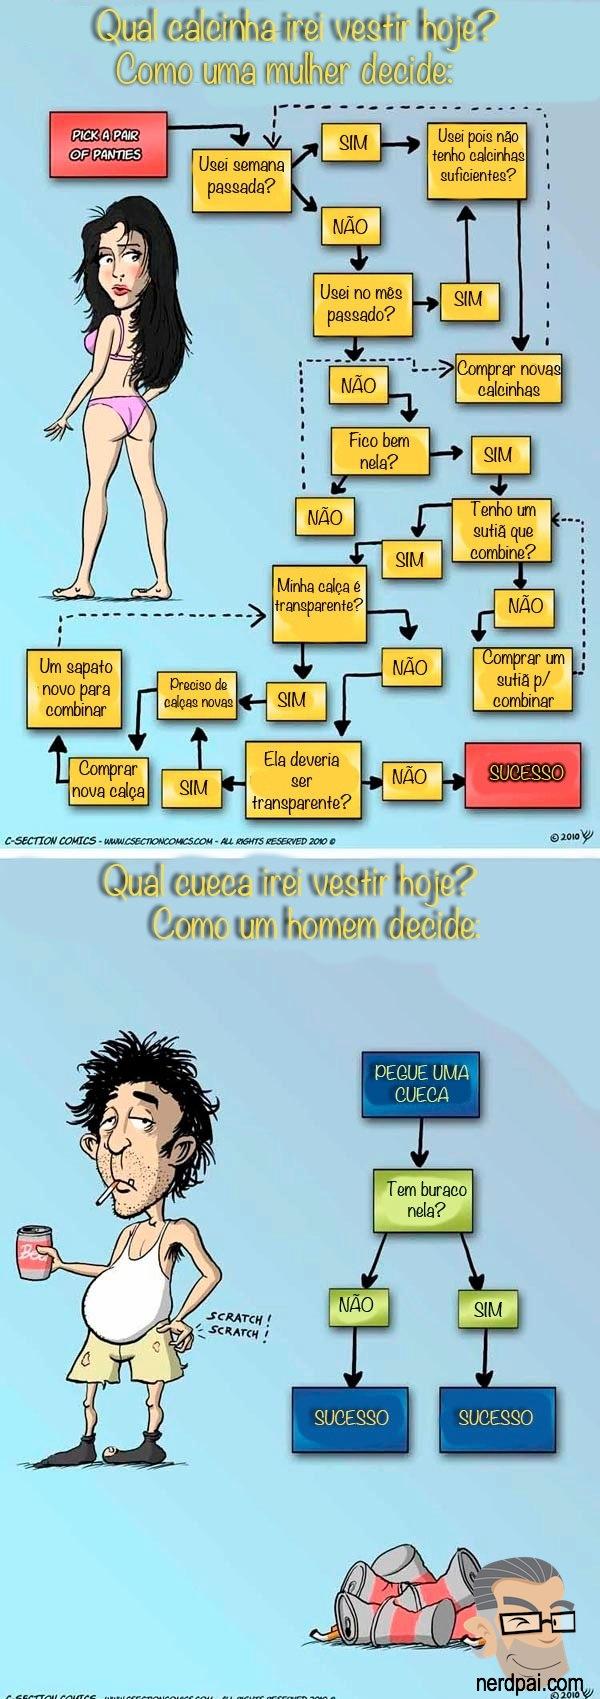 Diferença entre homens e mulheres - Calcinhas e Cuecas